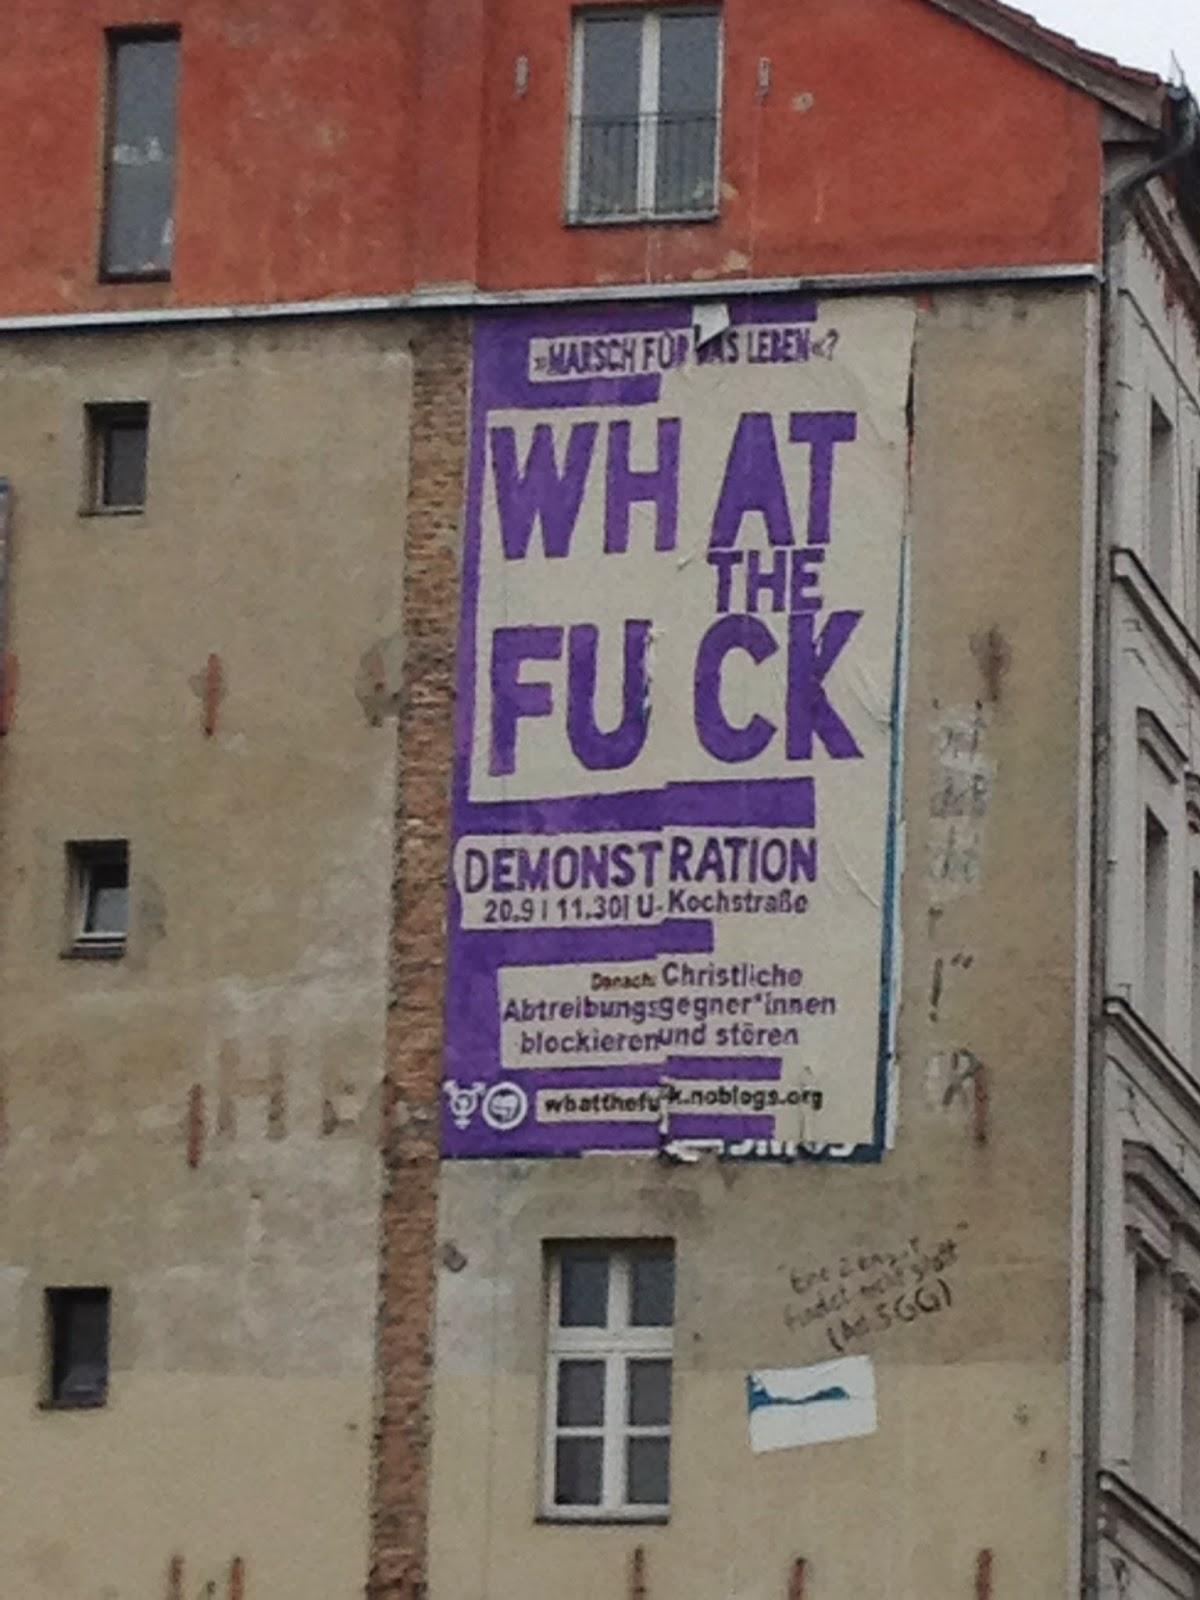 Christen, unsere Werbung kann wachsen!; Photo by Thomas Gerlach